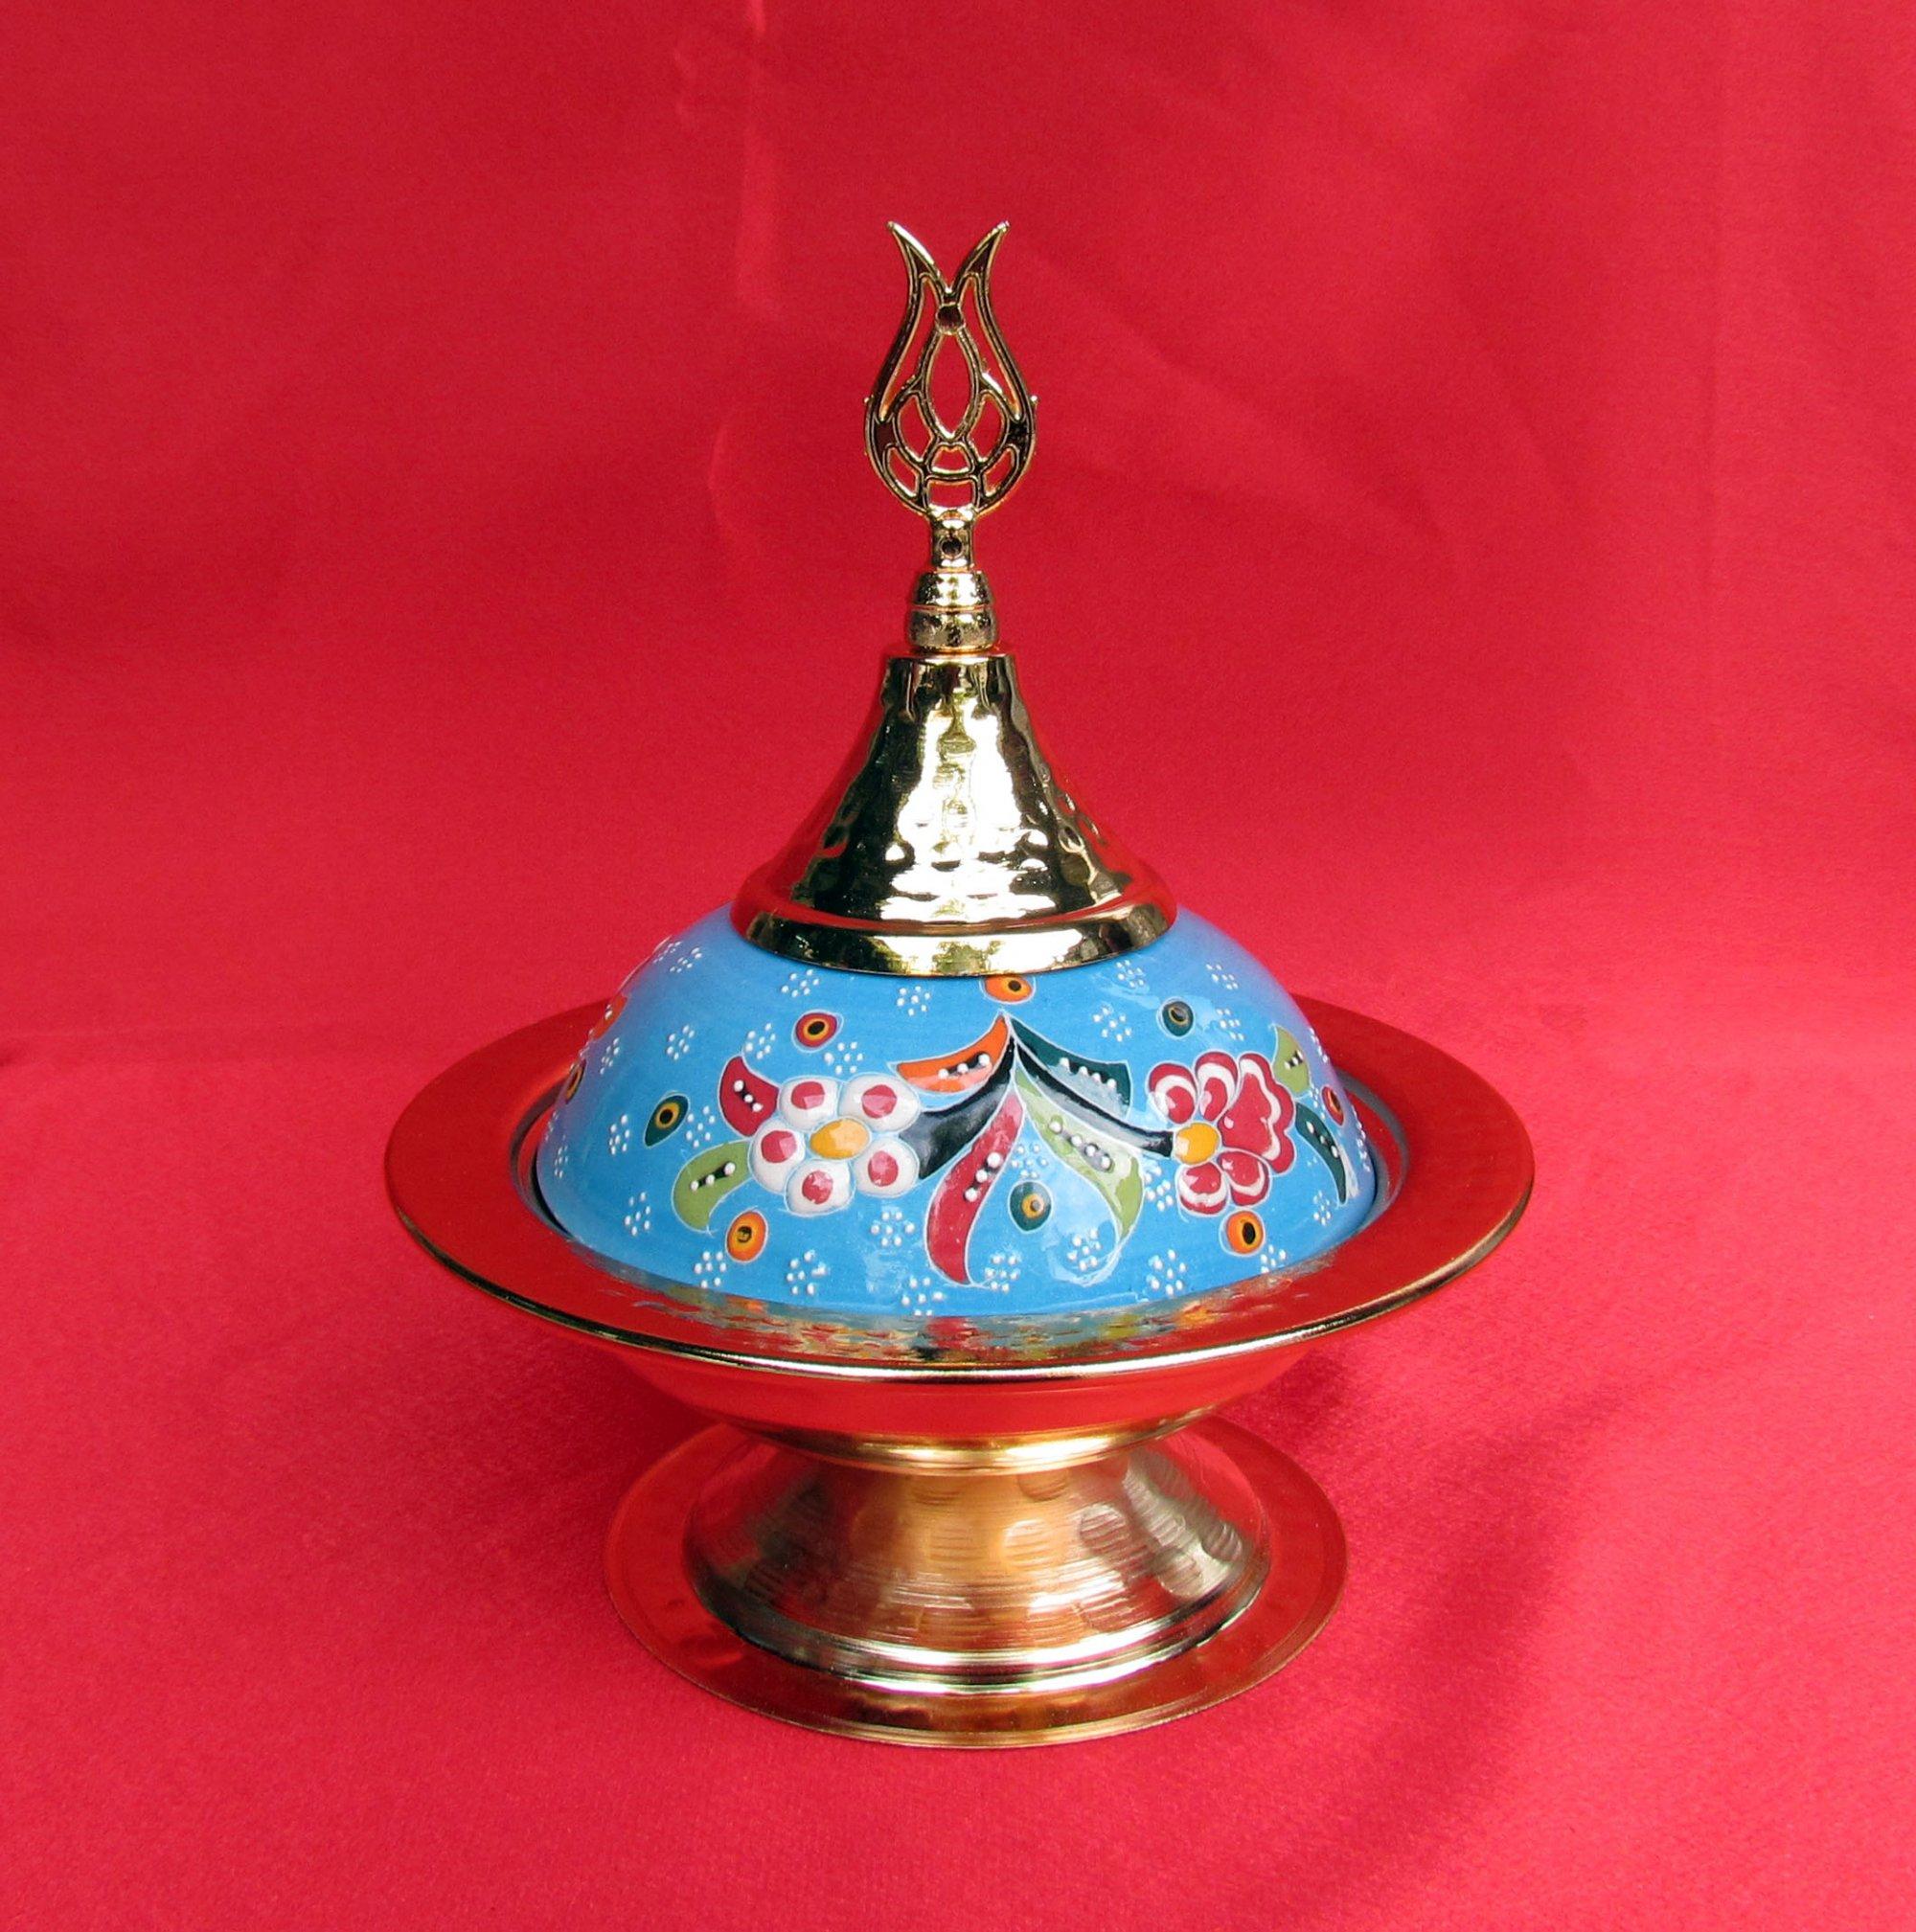 Çinili Lokumluklar Turkuvaz Renkli Rölyefli Kabartma Kase  Klasik Osmanlı Mutfağı